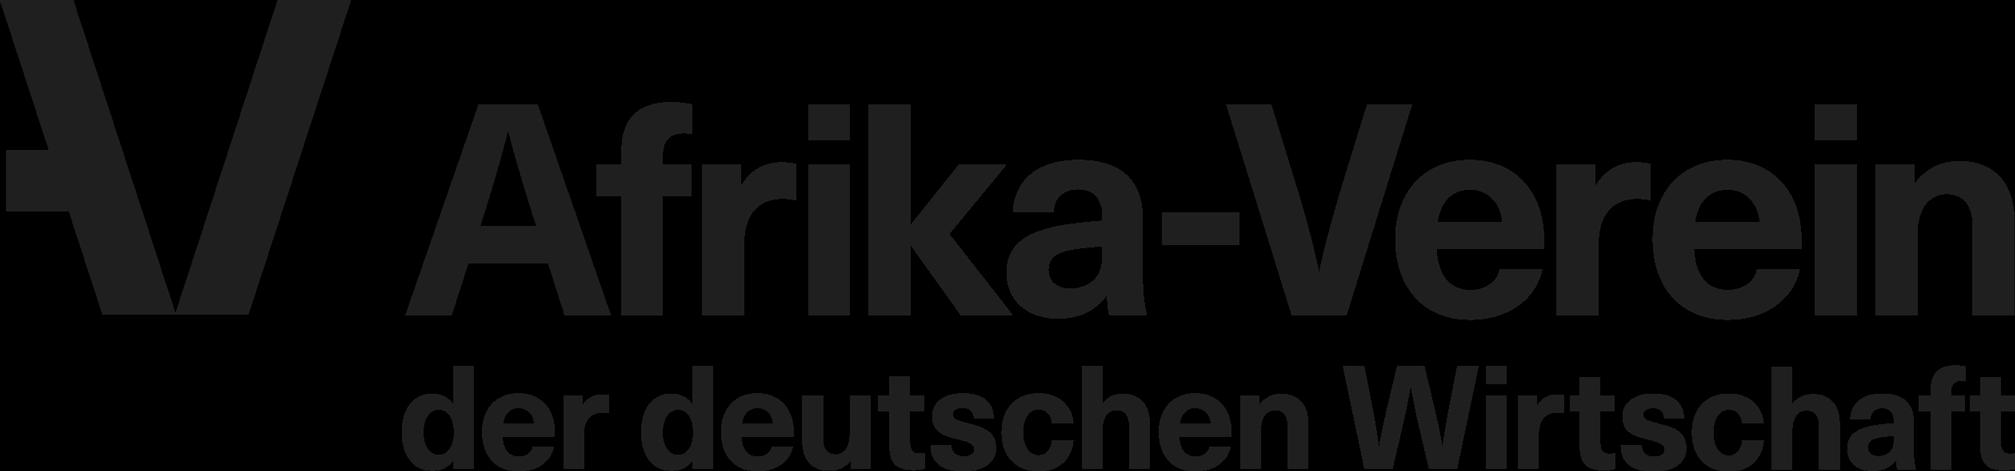 Pressemitteilungen - Afrika-Verein der deutschen Wirtschaft e.V.